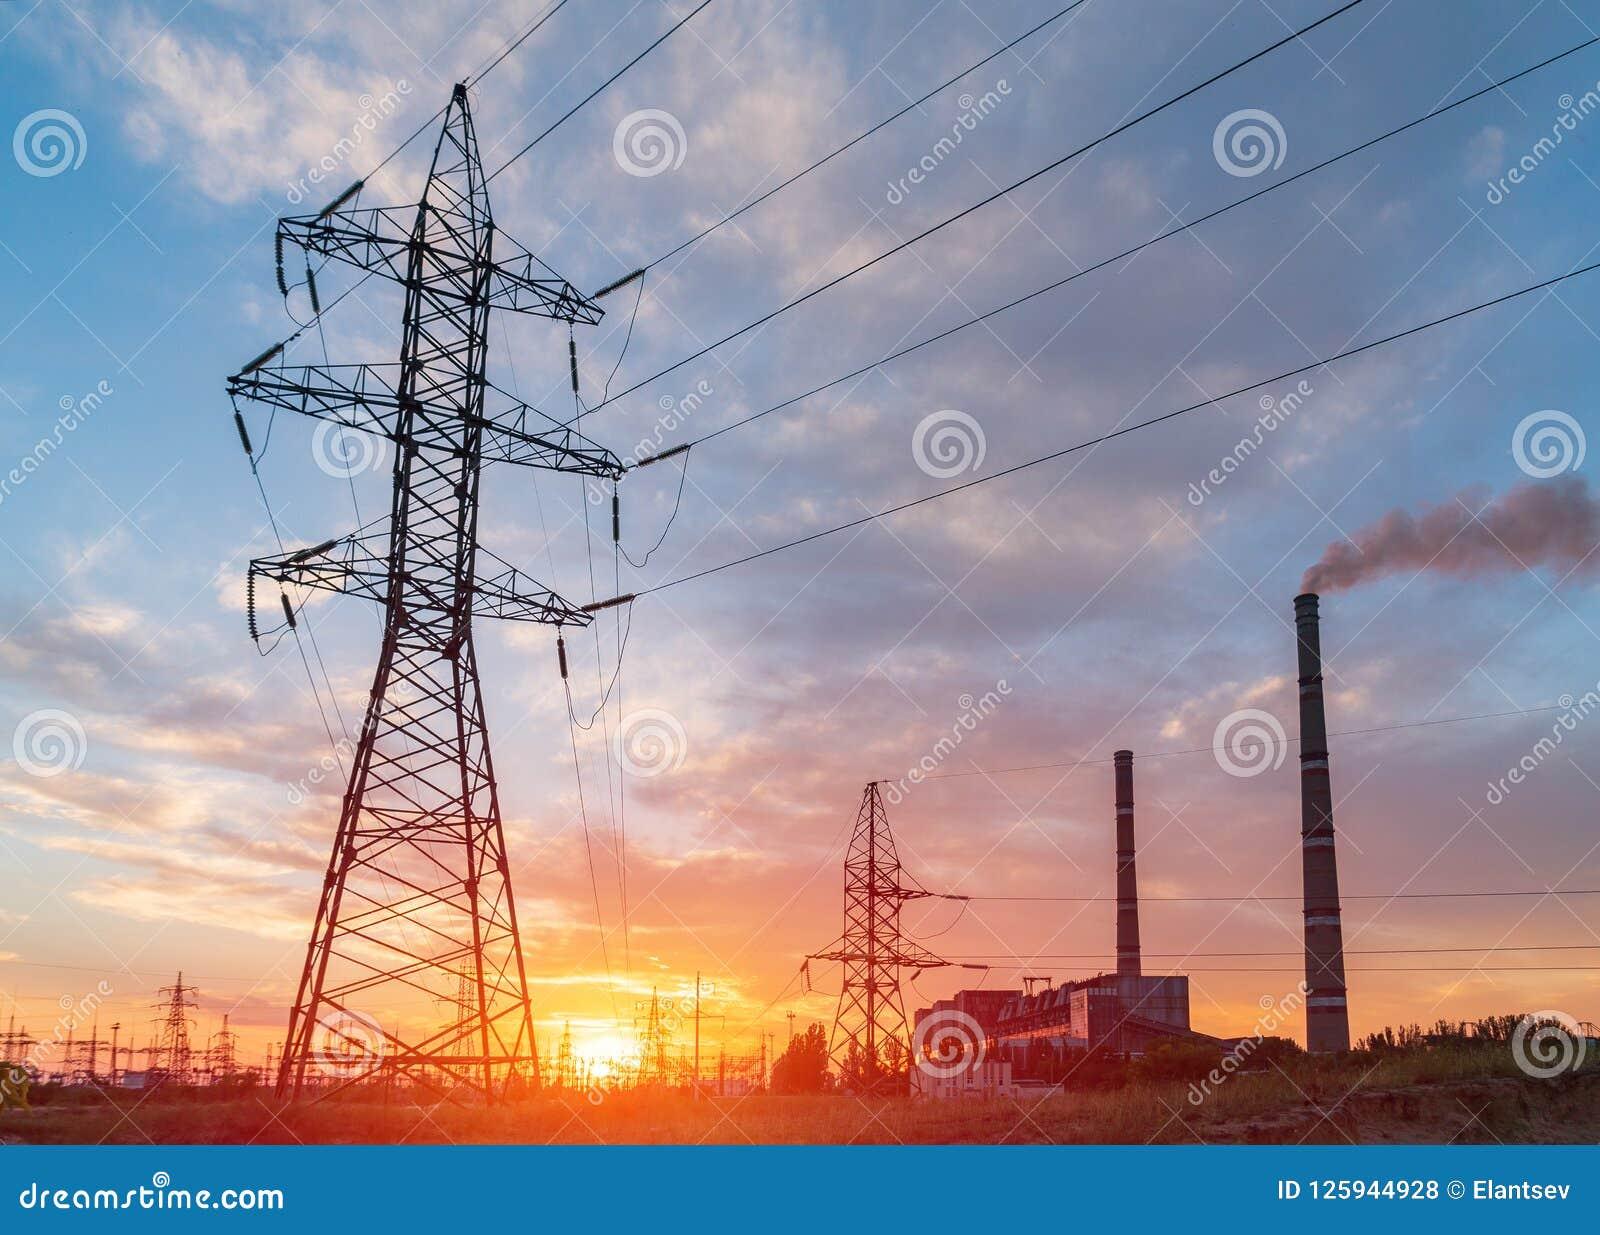 Sous-station électrique de distribution avec des lignes électriques et des transformateurs, au coucher du soleil